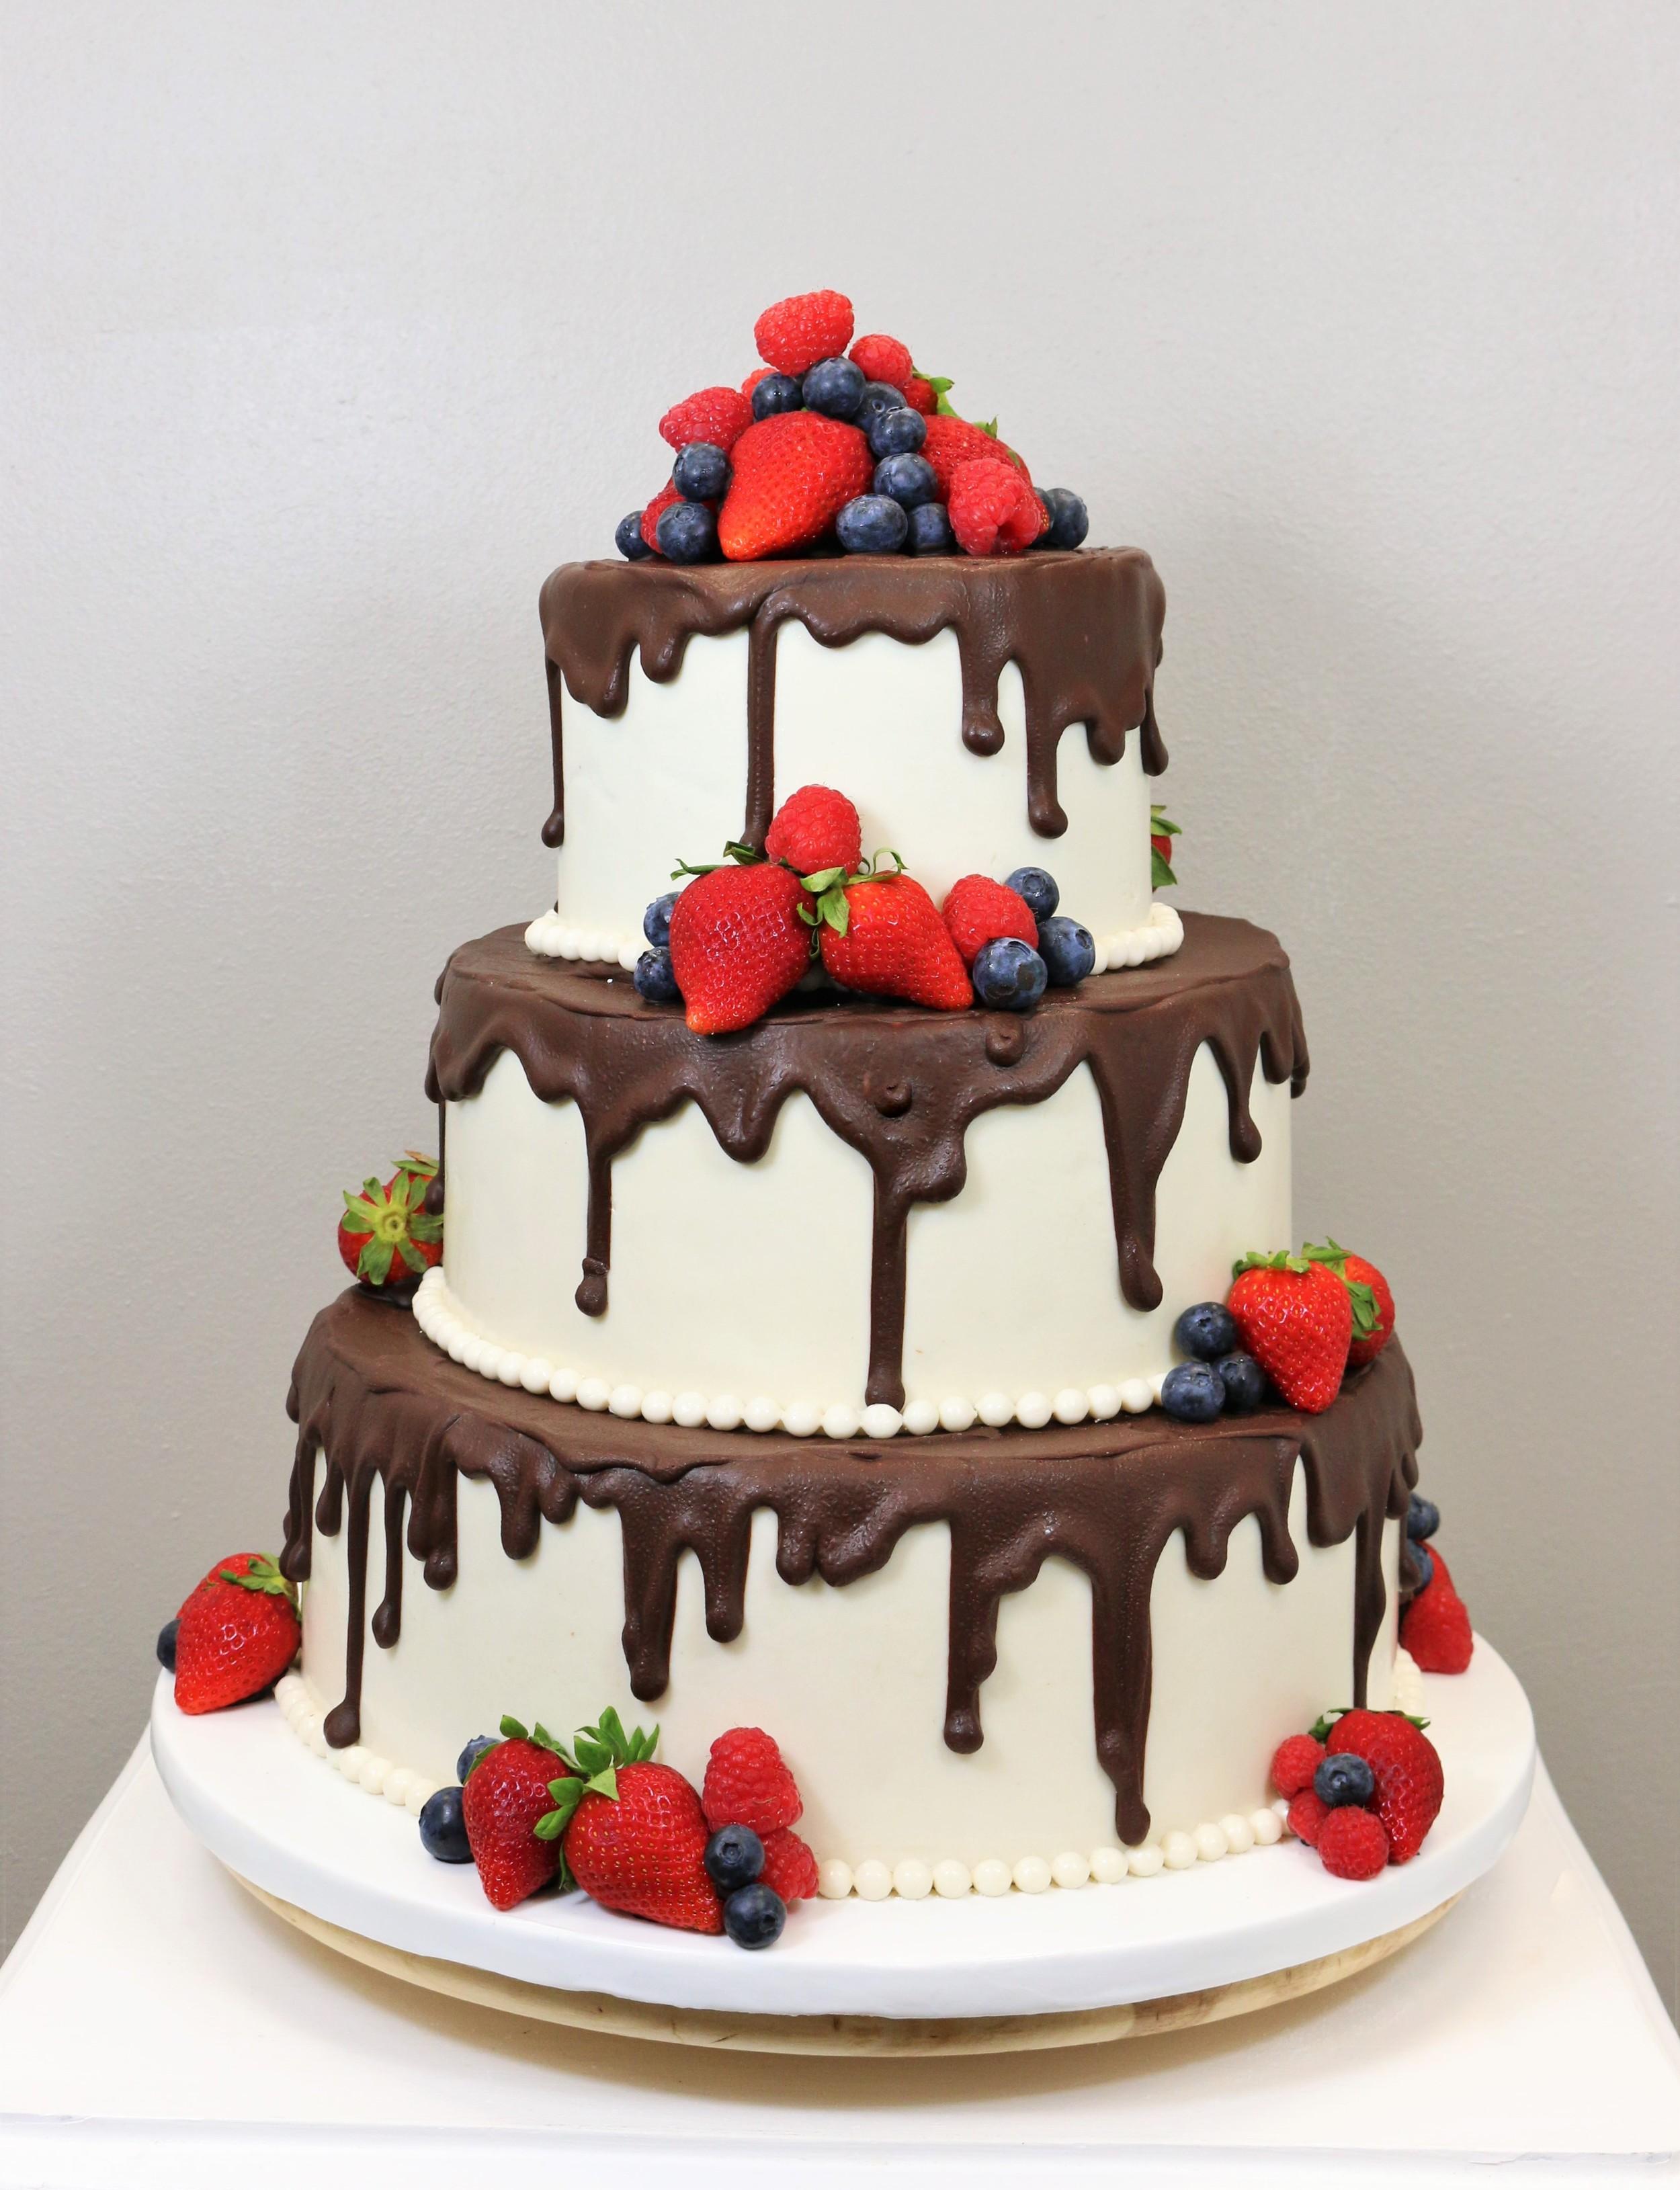 3 Stckige Hochzeitstorte mit Schokolade und Beeren